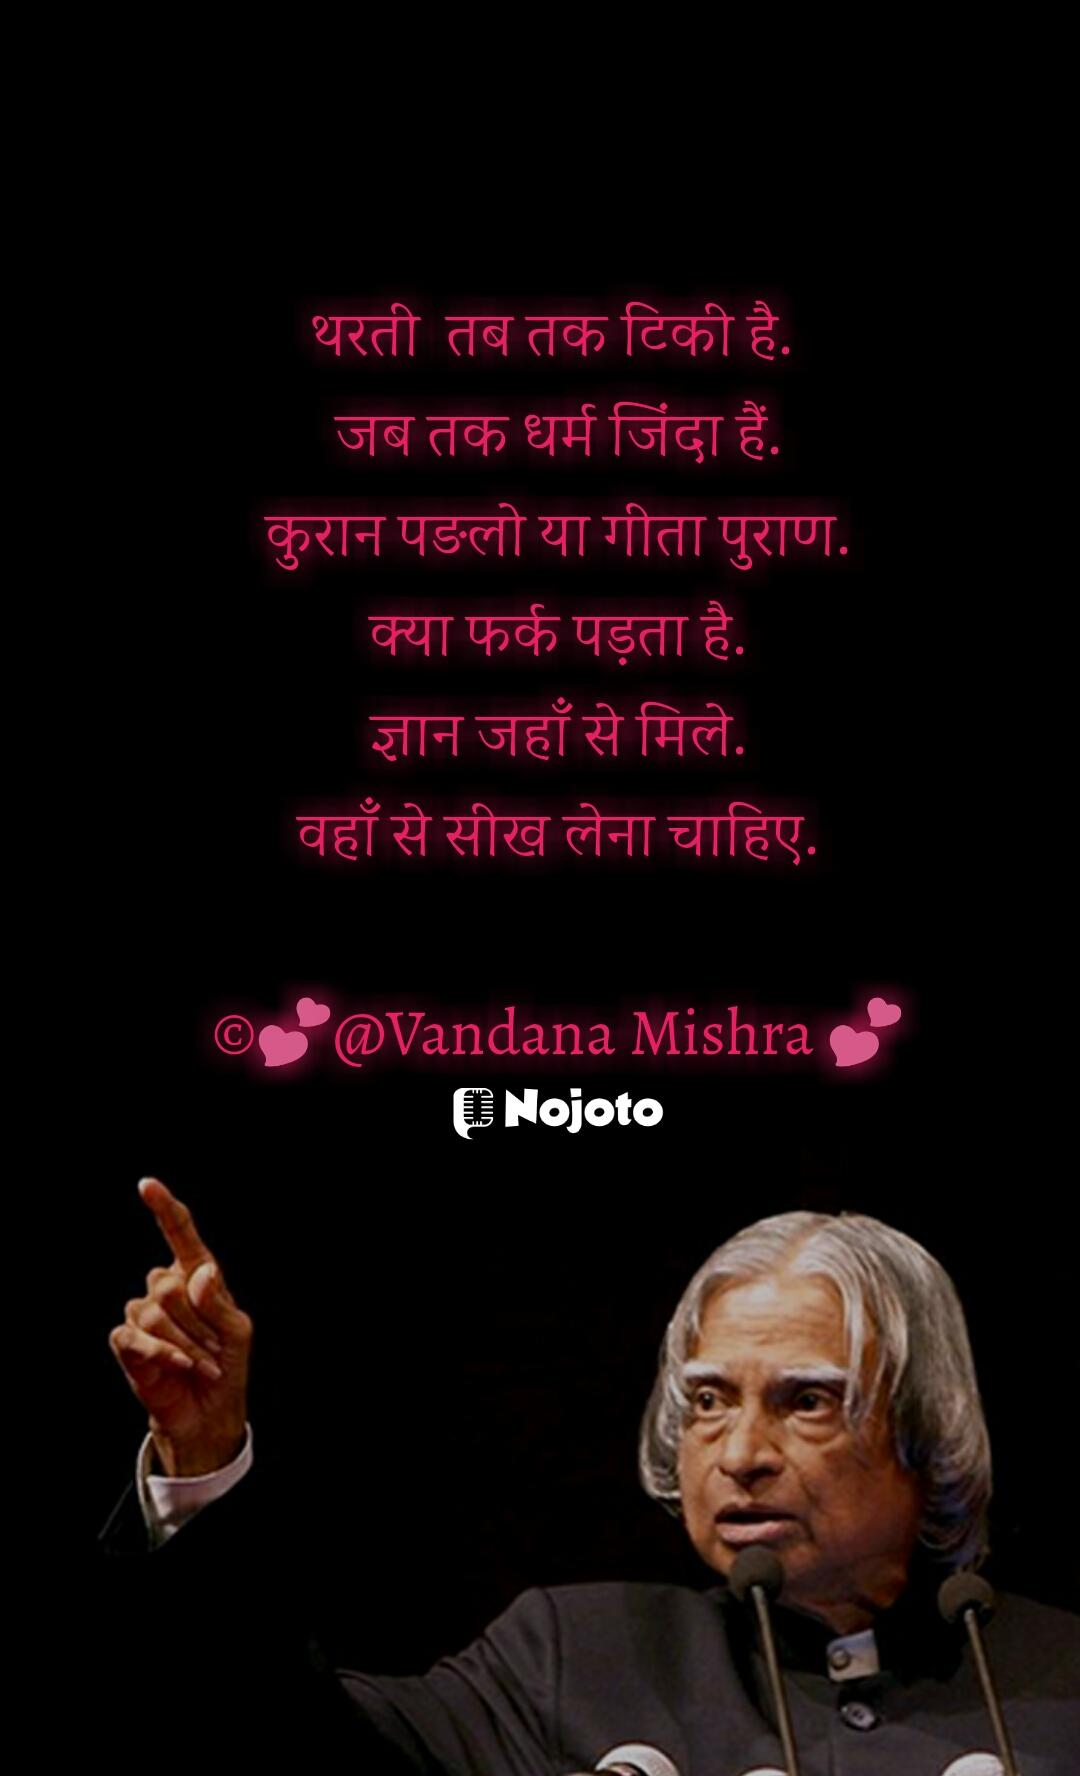 थरती  तब तक टिकी है.  जब तक धर्म जिंदा हैं. कुरान पङलो या गीता पुराण. क्या फर्क पड़ता है. ज्ञान जहाँ से मिले. वहाँ से सीख लेना चाहिए.  ©💕@Vandana Mishra 💕